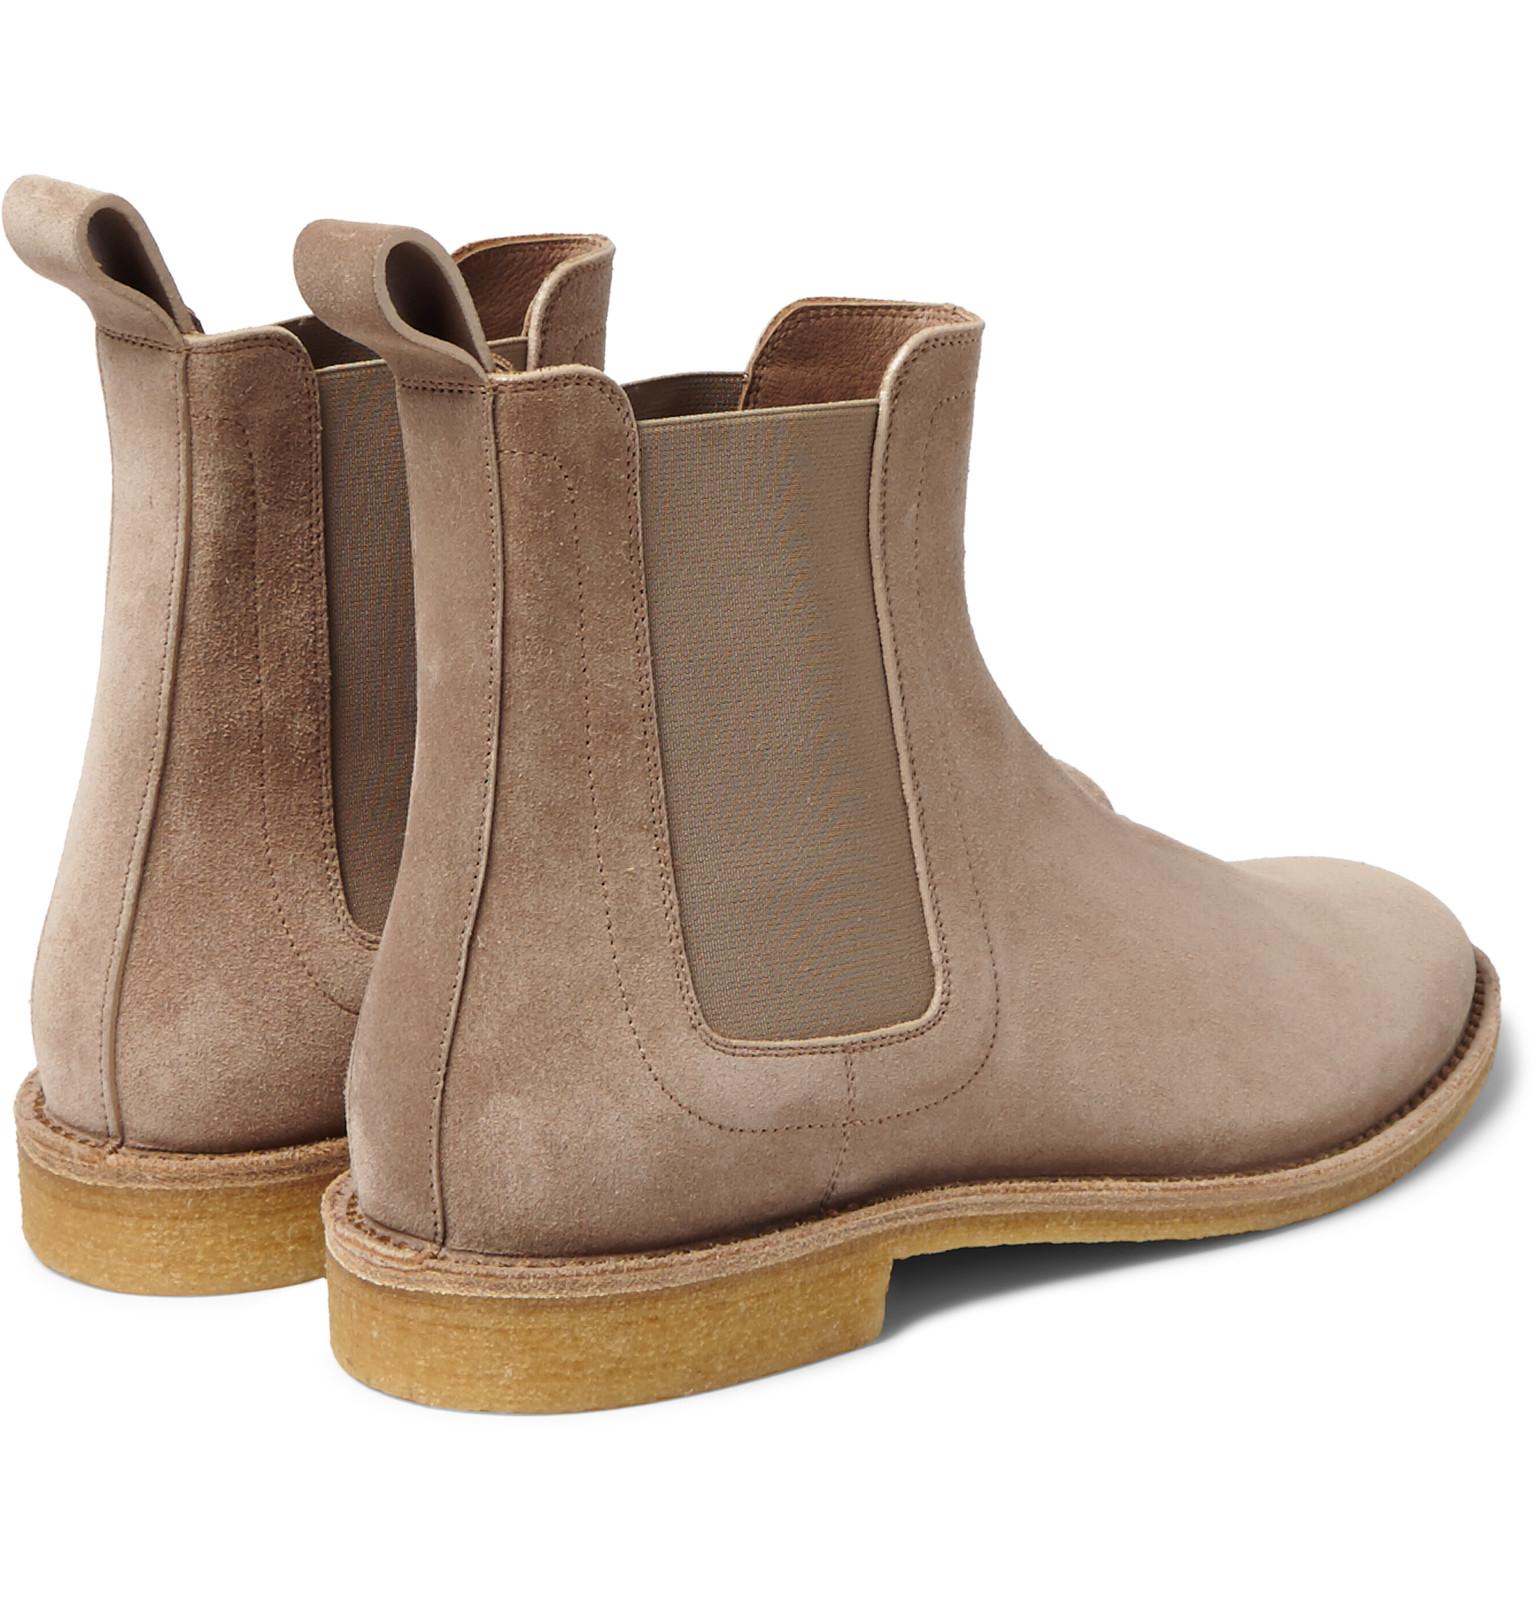 bottega veneta suede chelsea boots in natural for men lyst. Black Bedroom Furniture Sets. Home Design Ideas